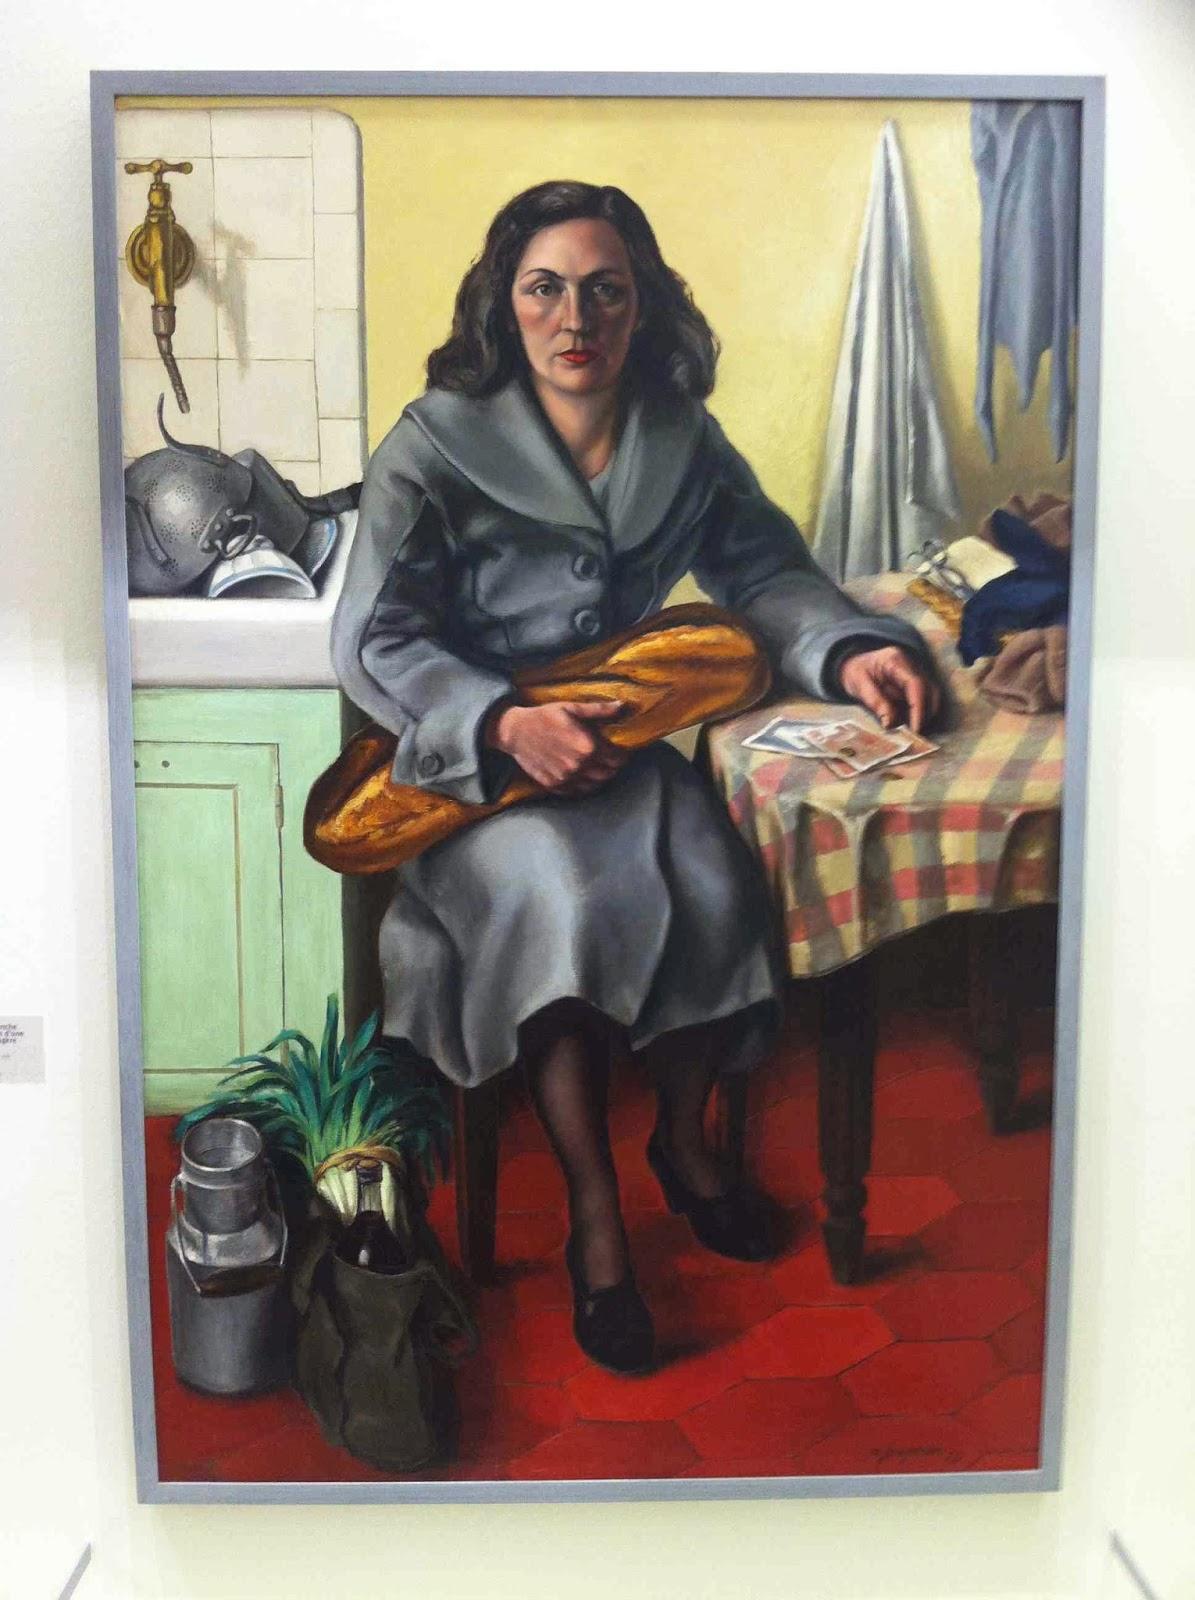 Fougeron, Dimanche matin d'une ménagère